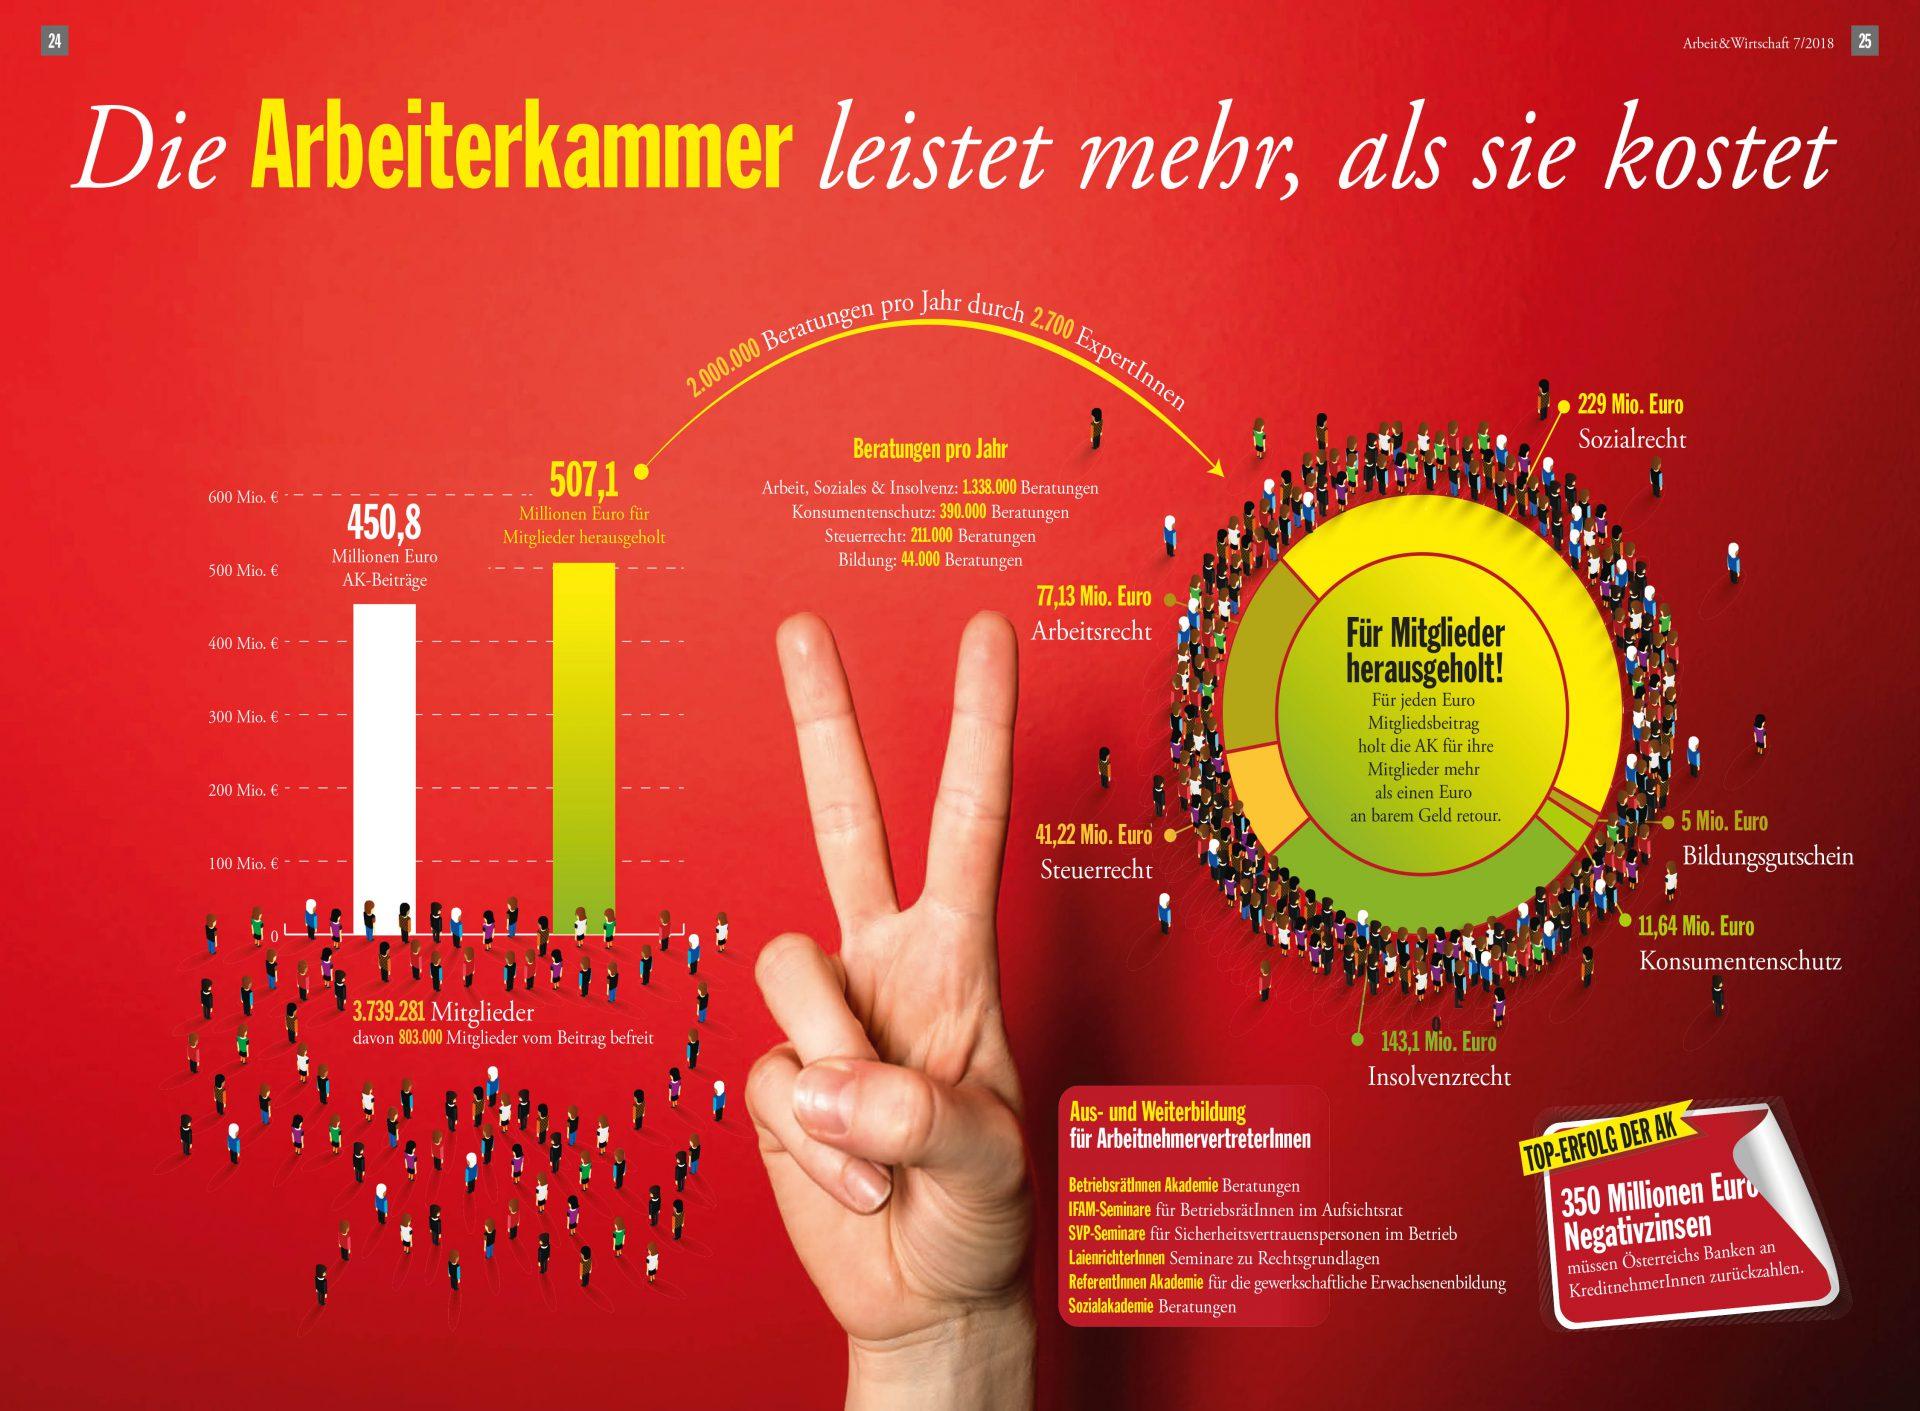 Infografik: Die Arbeiterkammer leistet mehr, als sie kostet. - Für jeden Euro Mitgliedsbeitrag holt die AK für ihre Mitglieder mehr als einen Euro an barem Geld heraus - durch Beratung und Unterstützung in Arbeitsrecht, Steuerrecht, Insolvenzrecht, Konsumentenschutz, Bildungsgutscheine und Sozialrecht.